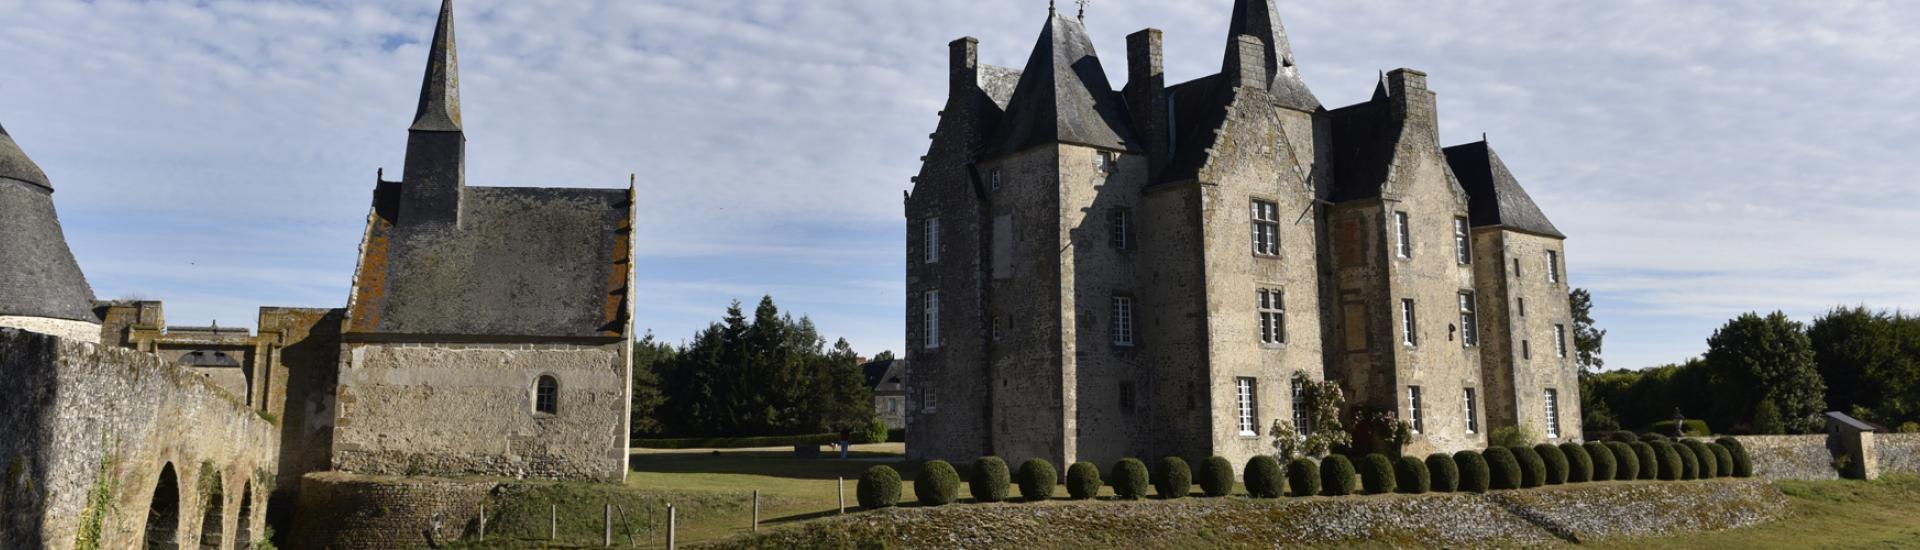 Le château de Bourgon à Montourtier